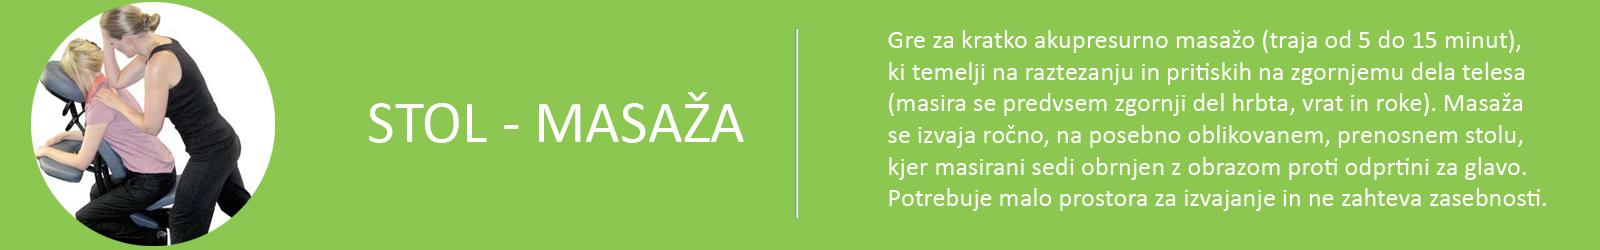 stol-masaza